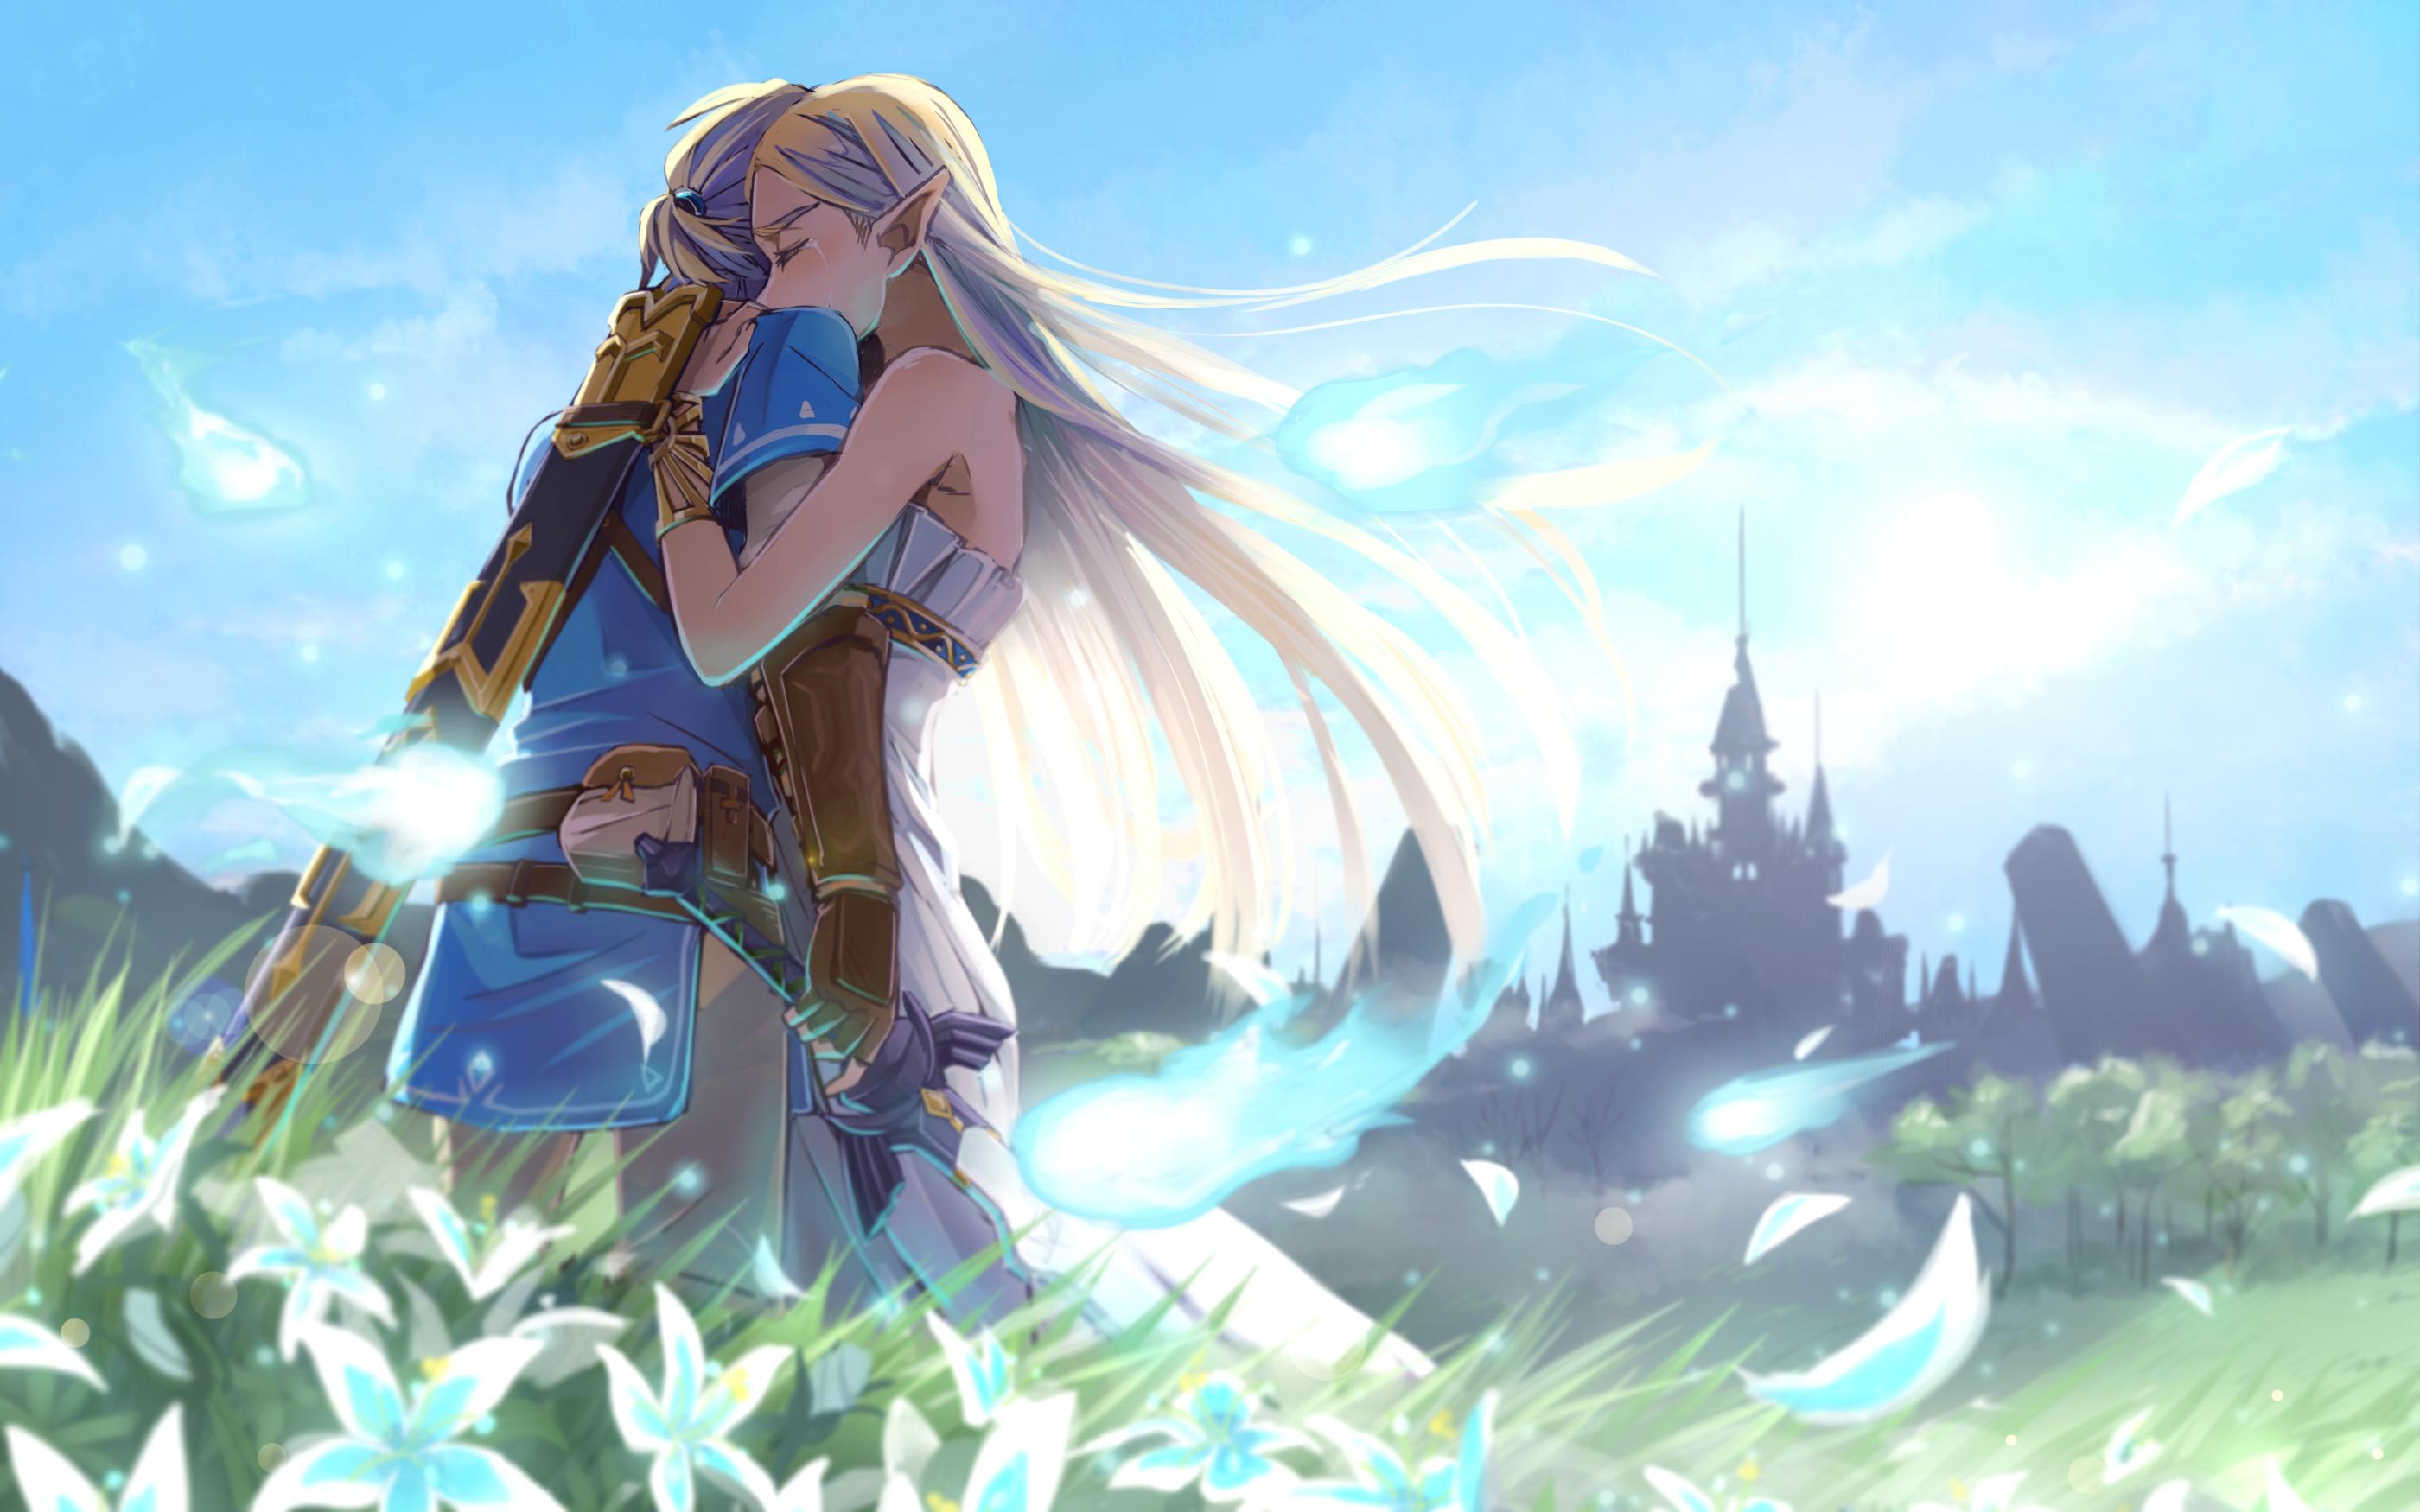 The Legend Of Zelda Romantic Love Artwork, HD Games, 4k ...